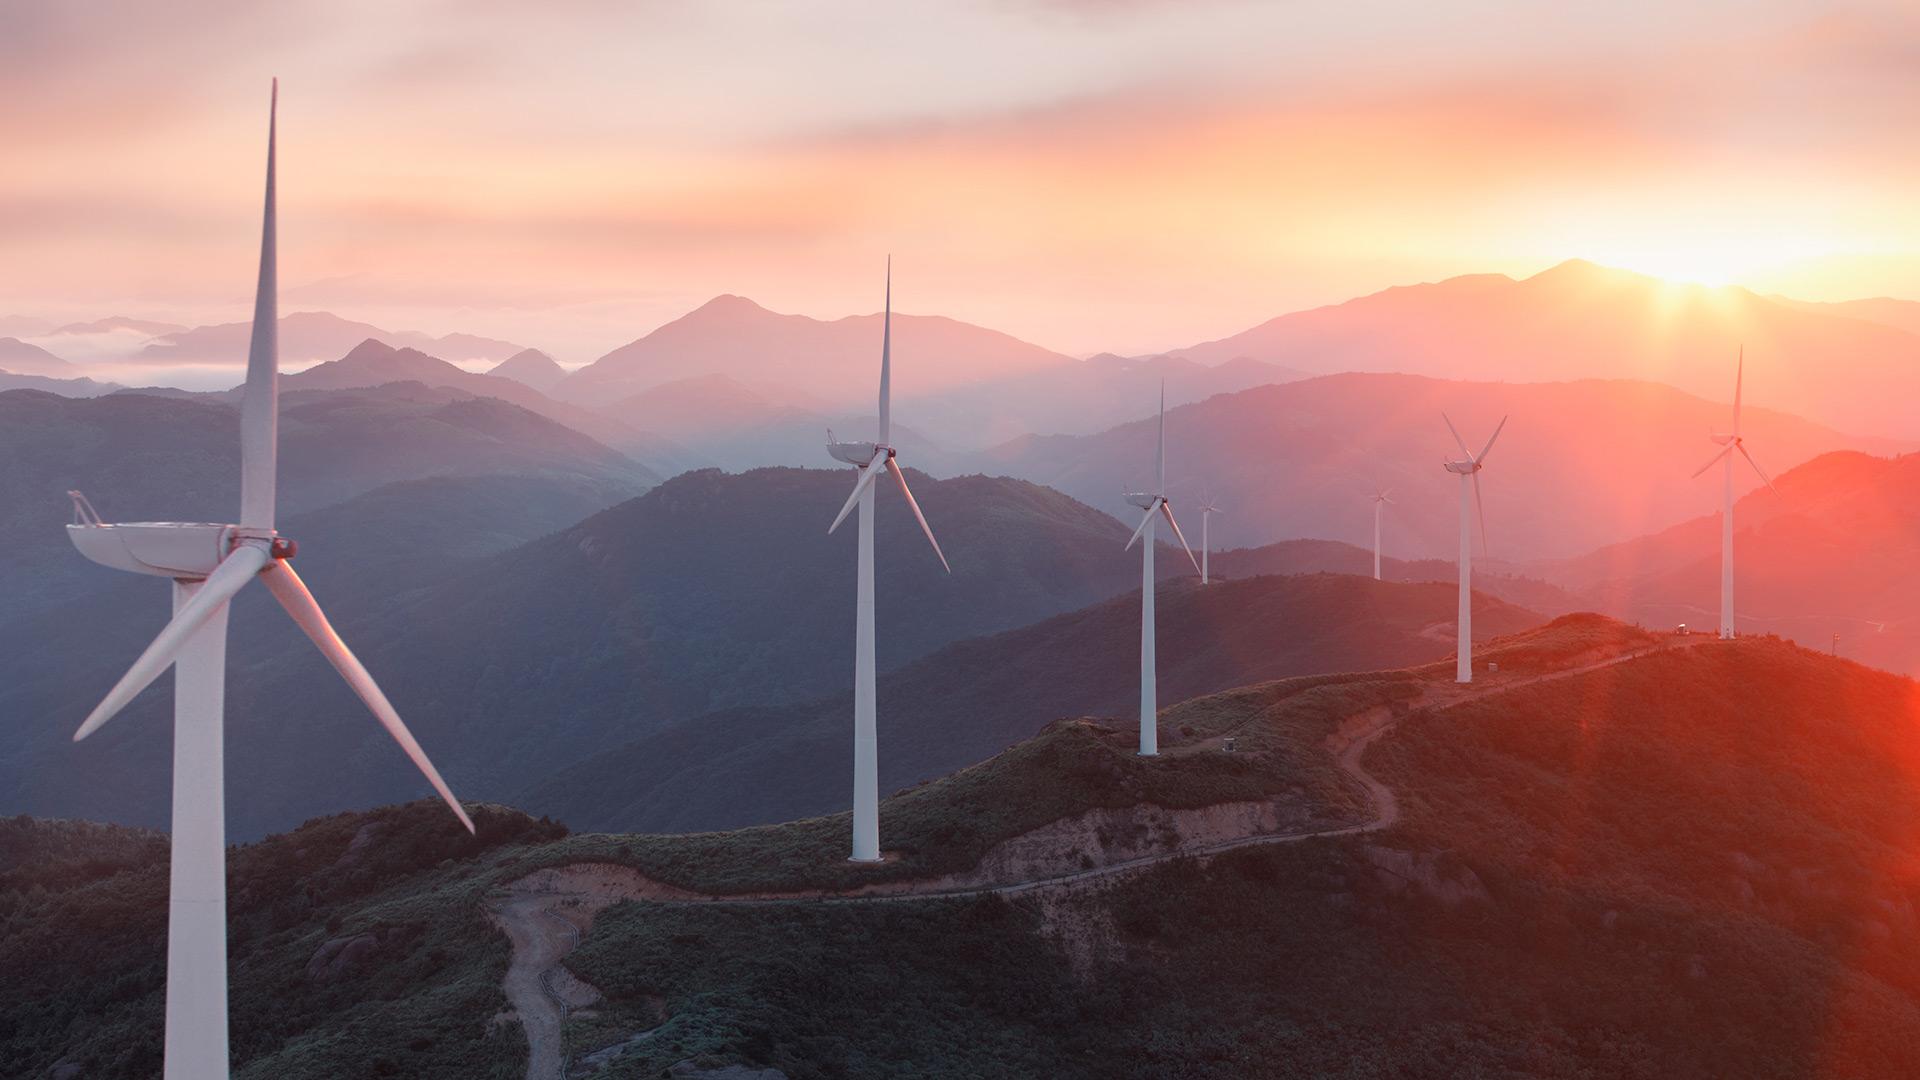 Éoliennes sur des montagnes